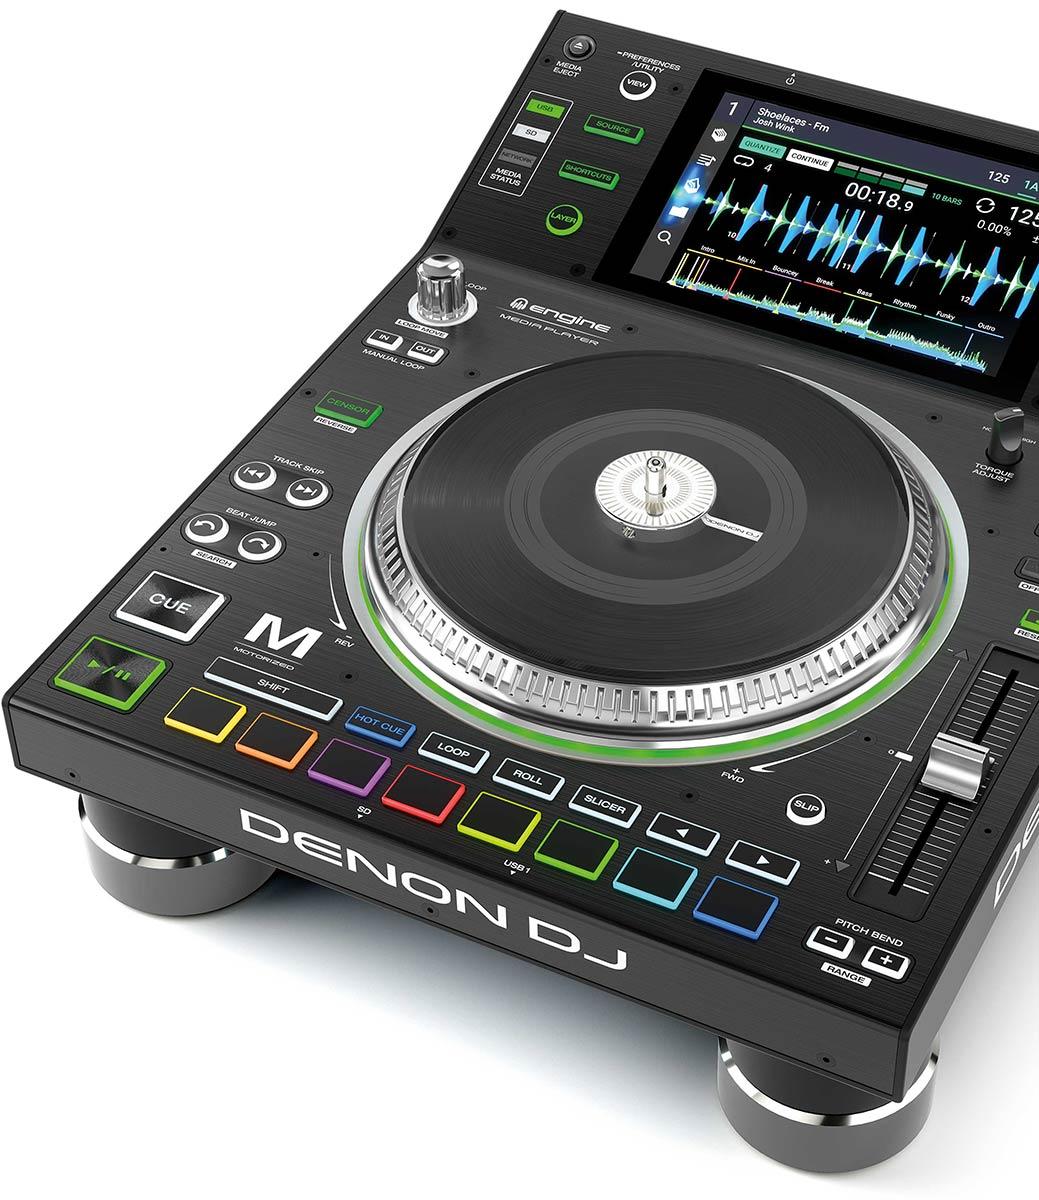 DENON DJ SC5000M PRIME